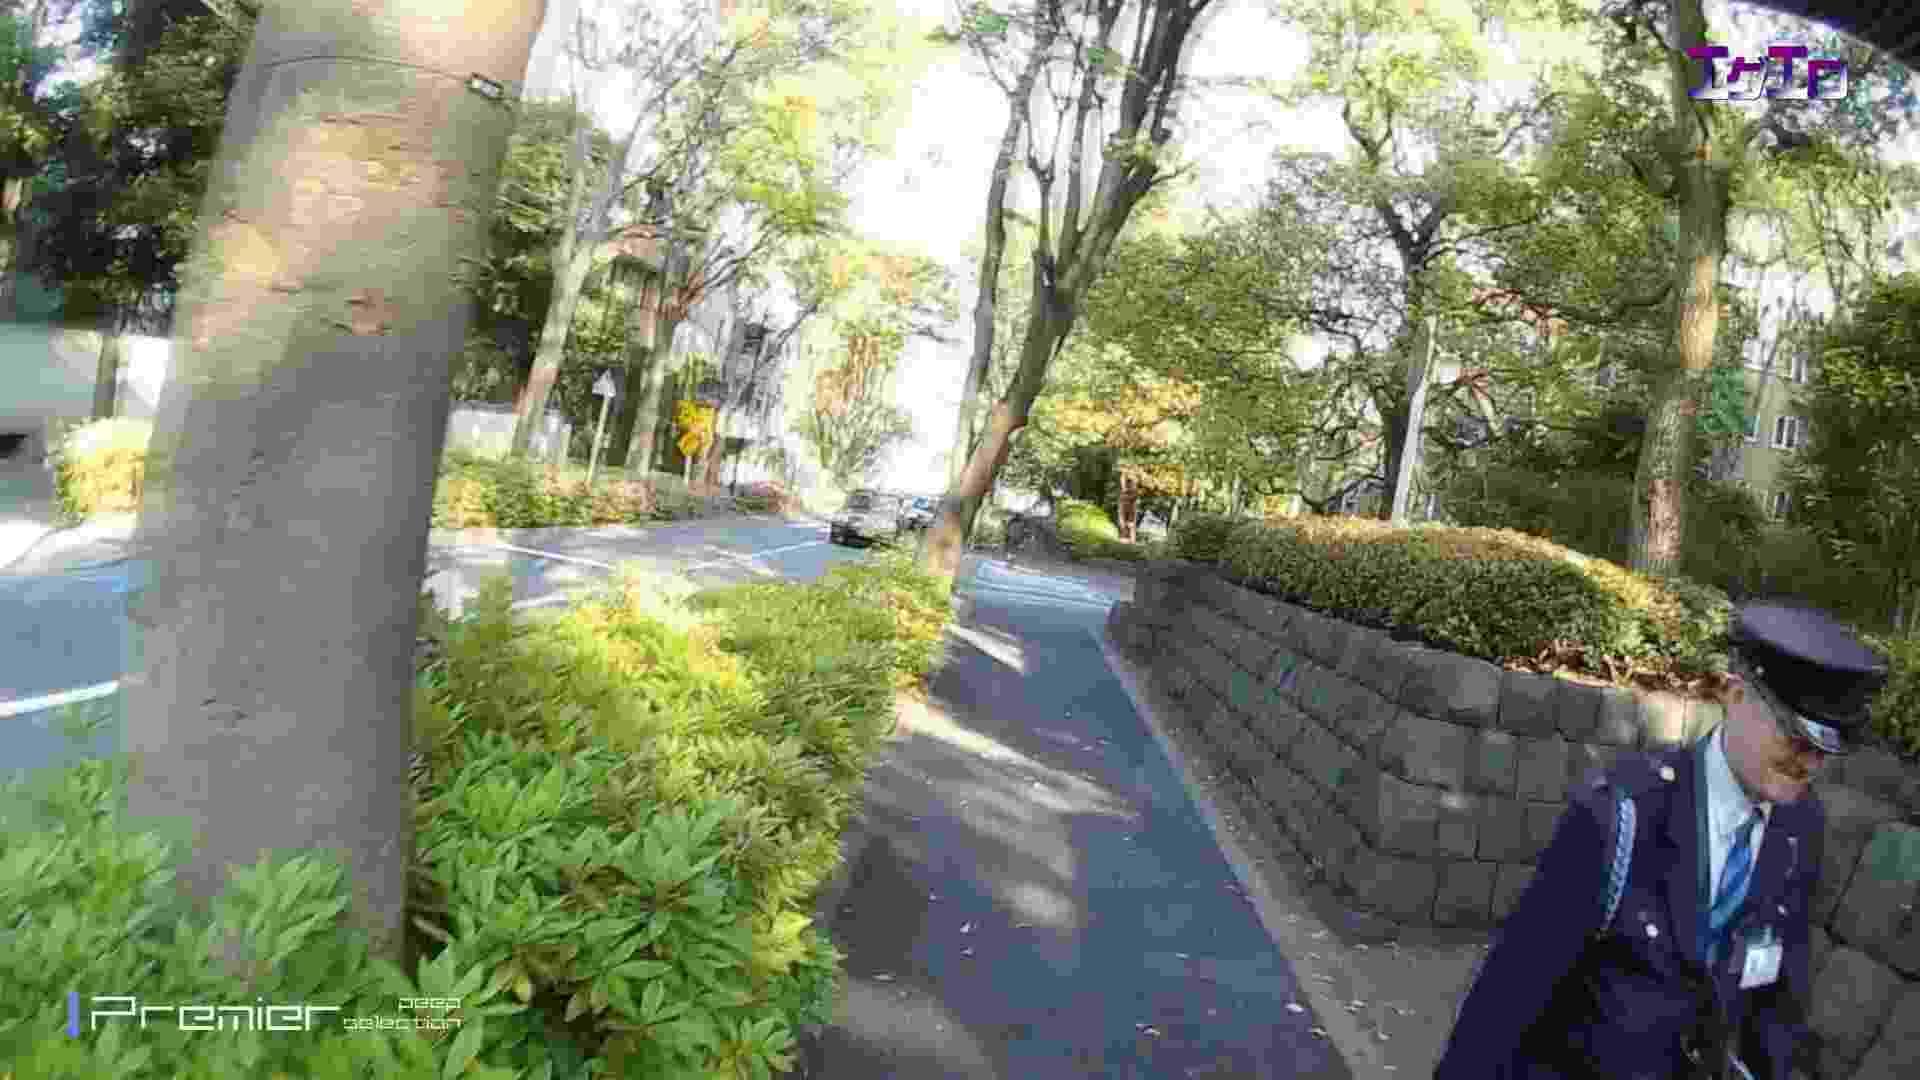 執念の撮影&追撮!!某女子校の通学路にあるトイレ 至近距離洗面所 Vol.16 美肌  84PIX 19